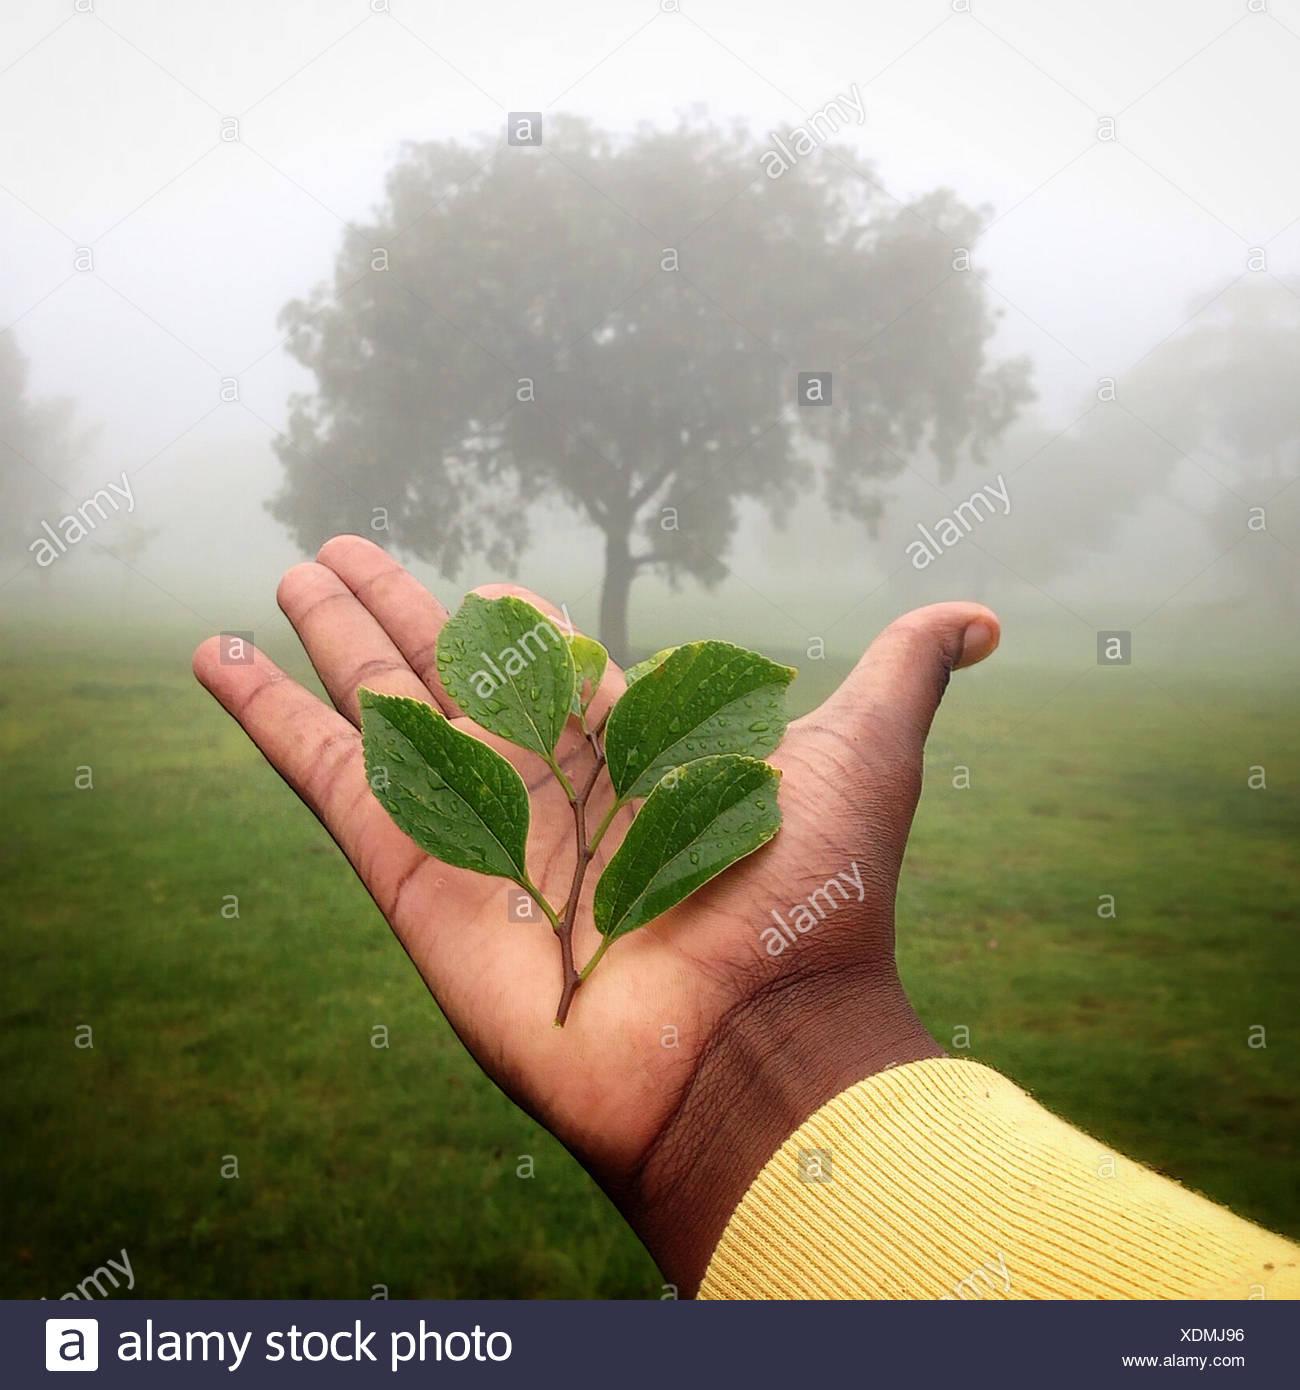 Human hand holding plant avec arbre en arrière-plan, le Gauteng, Johannesburg, Afrique du Sud Banque D'Images